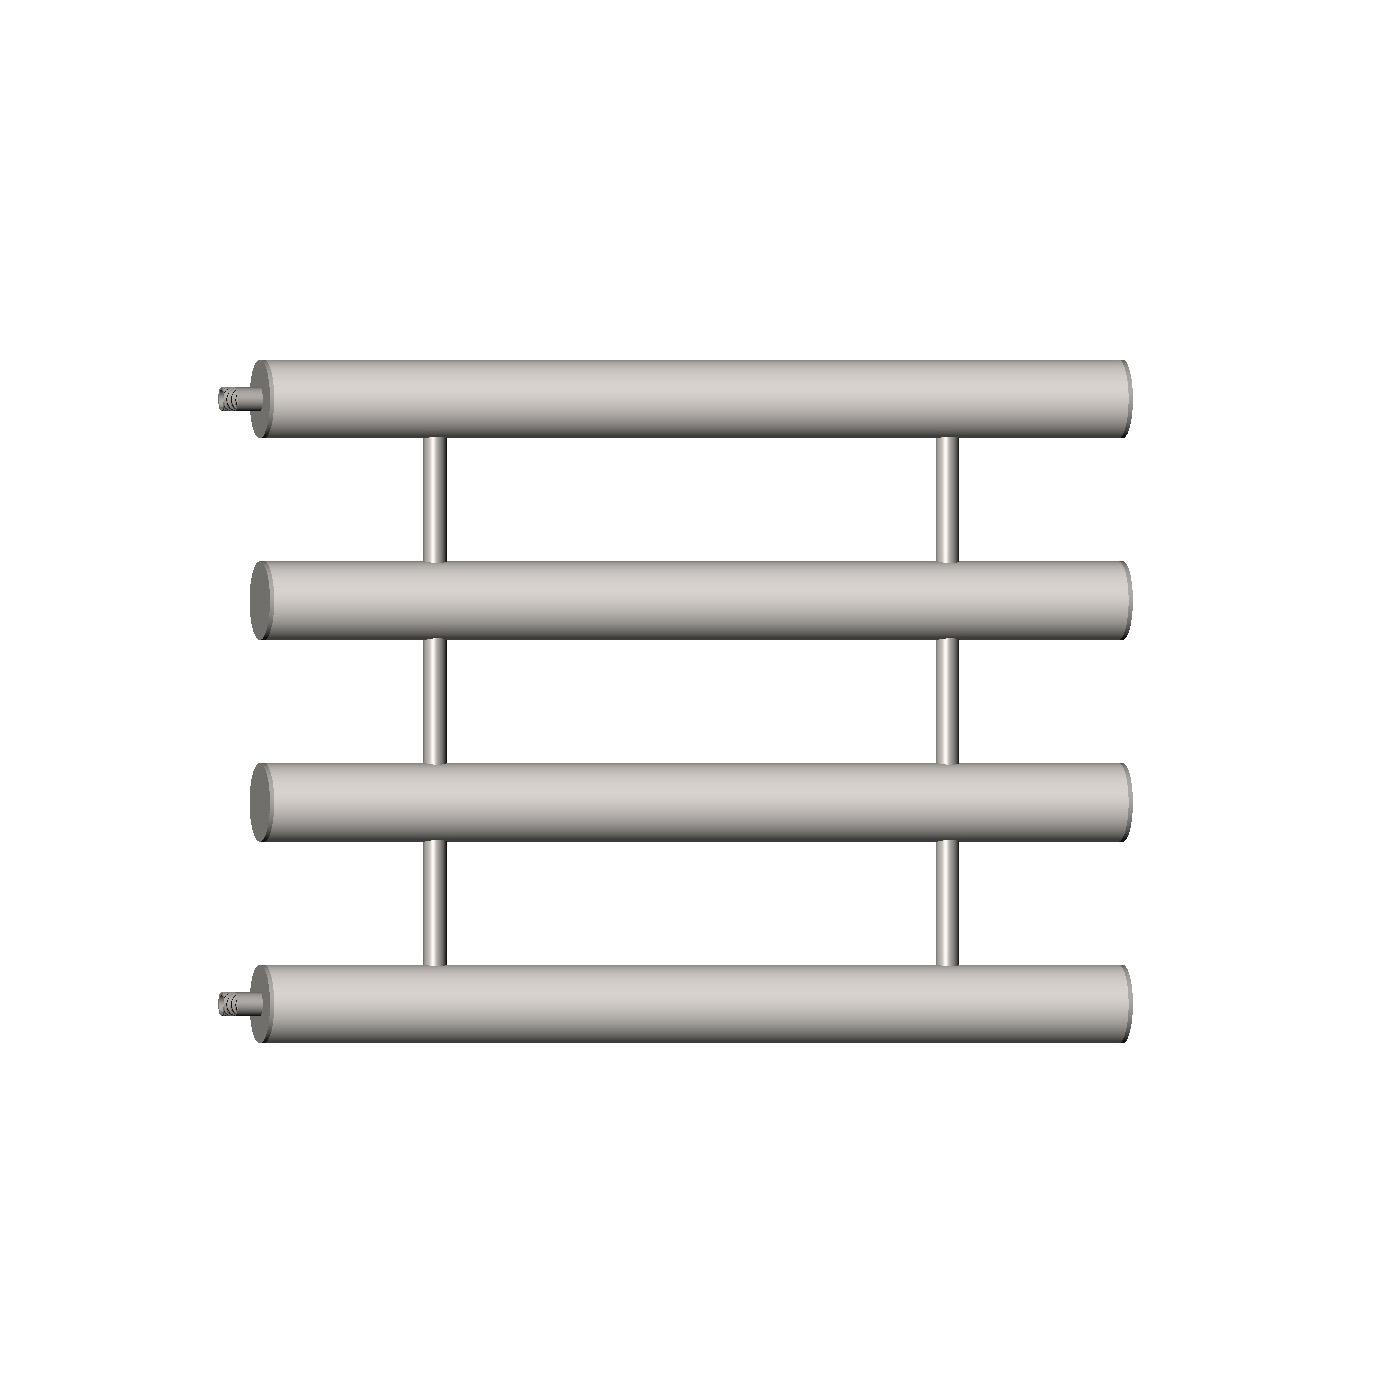 Змеевиковый регистр отопления на 4 секции стальной серии РОС-4х100х1500 для установки в системах отопления производственных помещений.